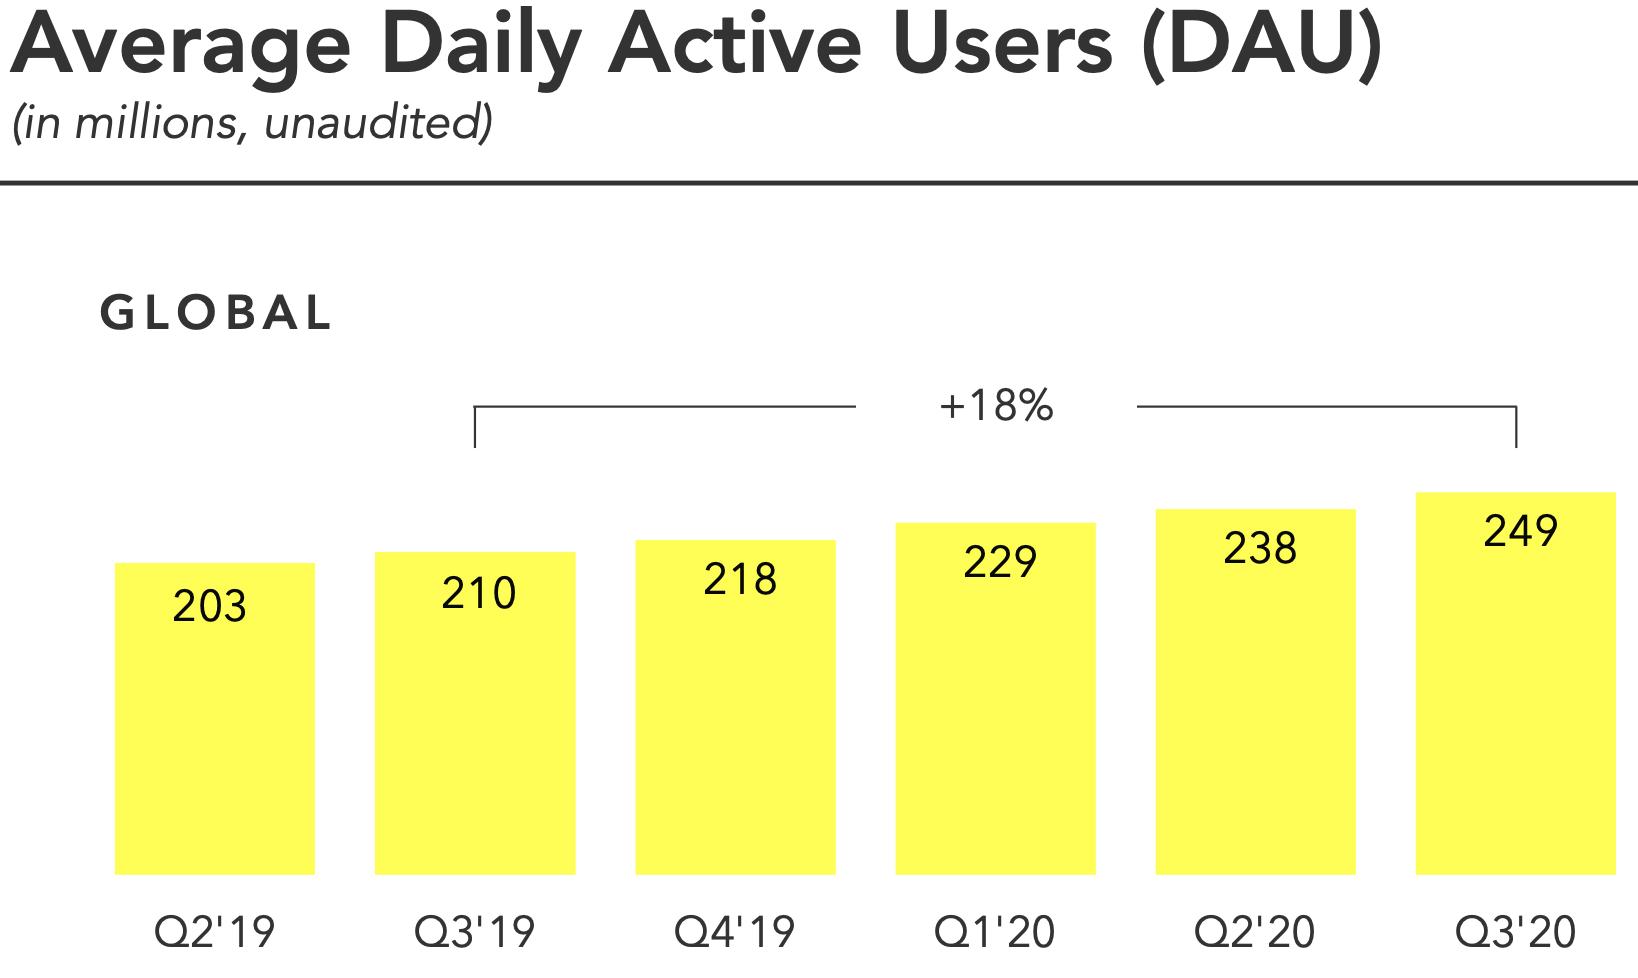 Évolution du nombre d'utilisateurs quotidiens de Snapchat entre le 3ème trimestre 2019 et le 3ème trimestre 2020